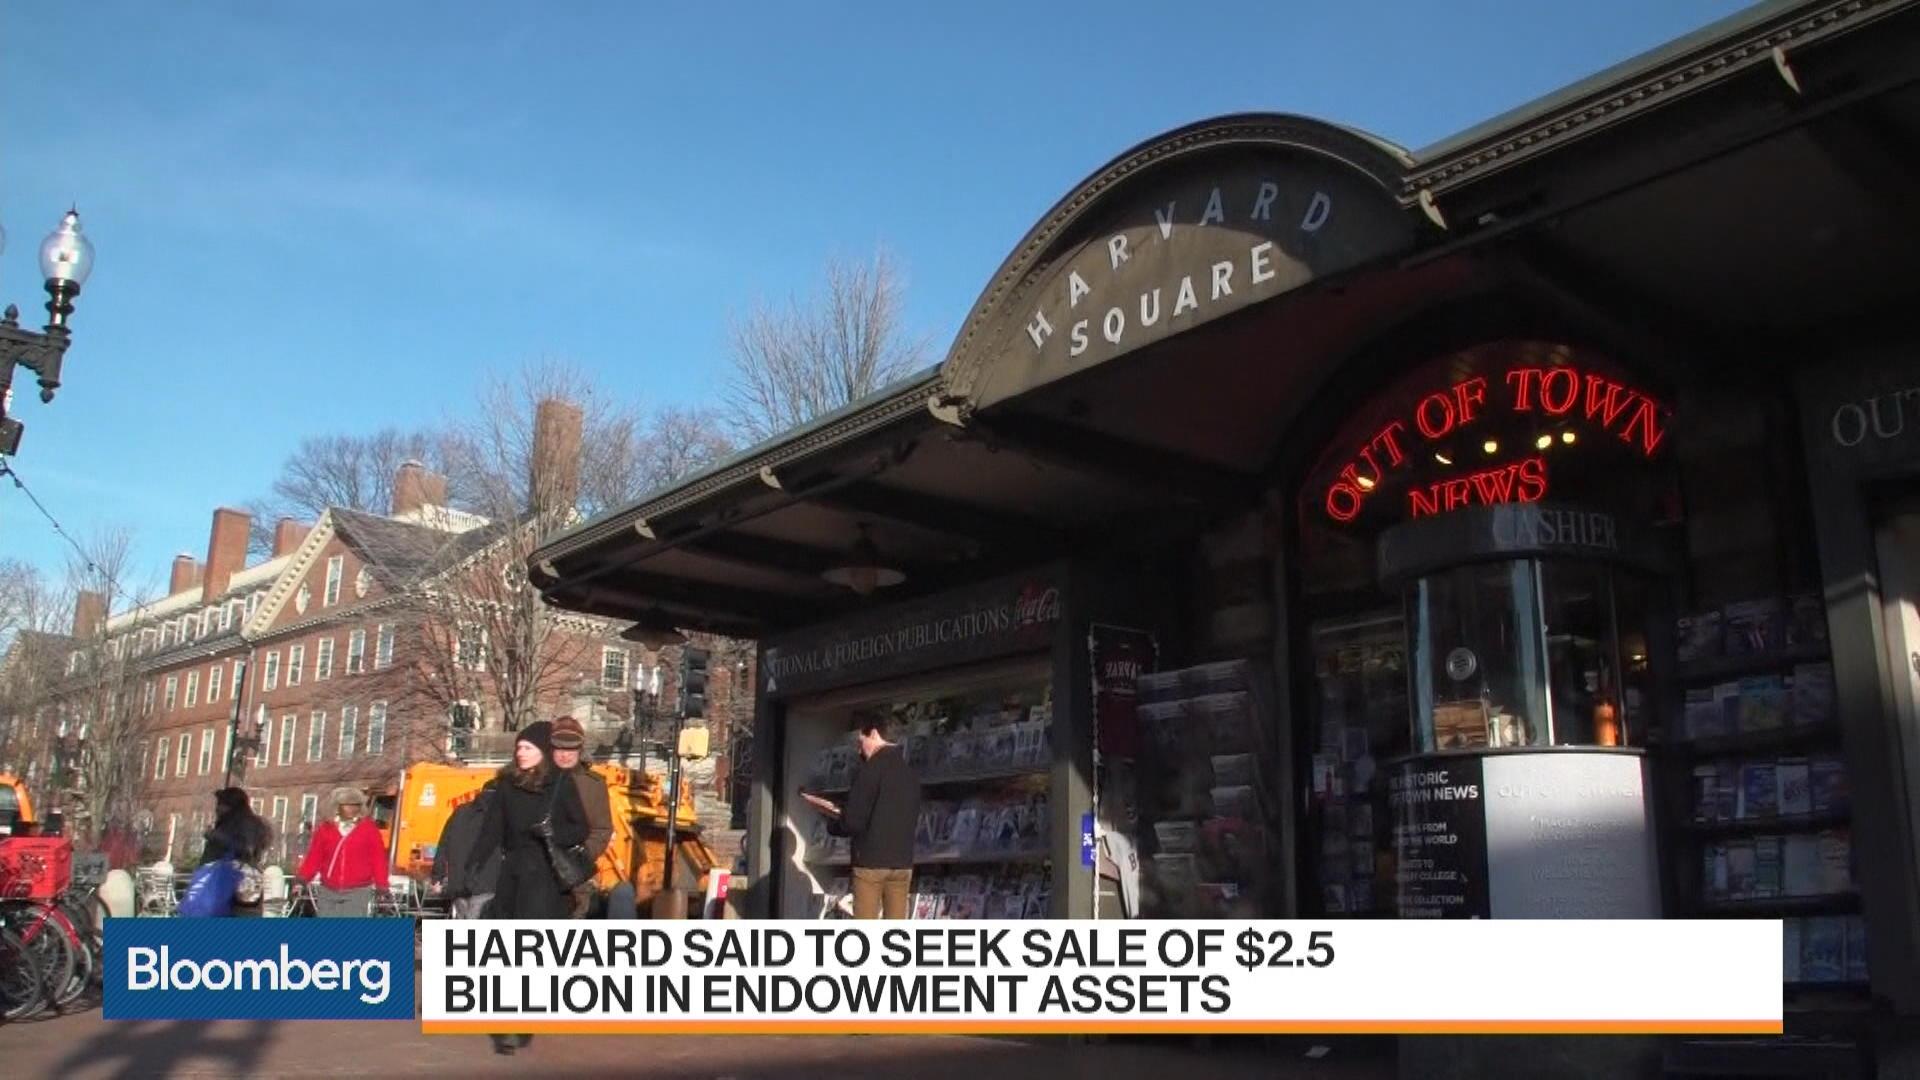 Harvard Said to Seek Sale of $2.5B in Endowment Assets